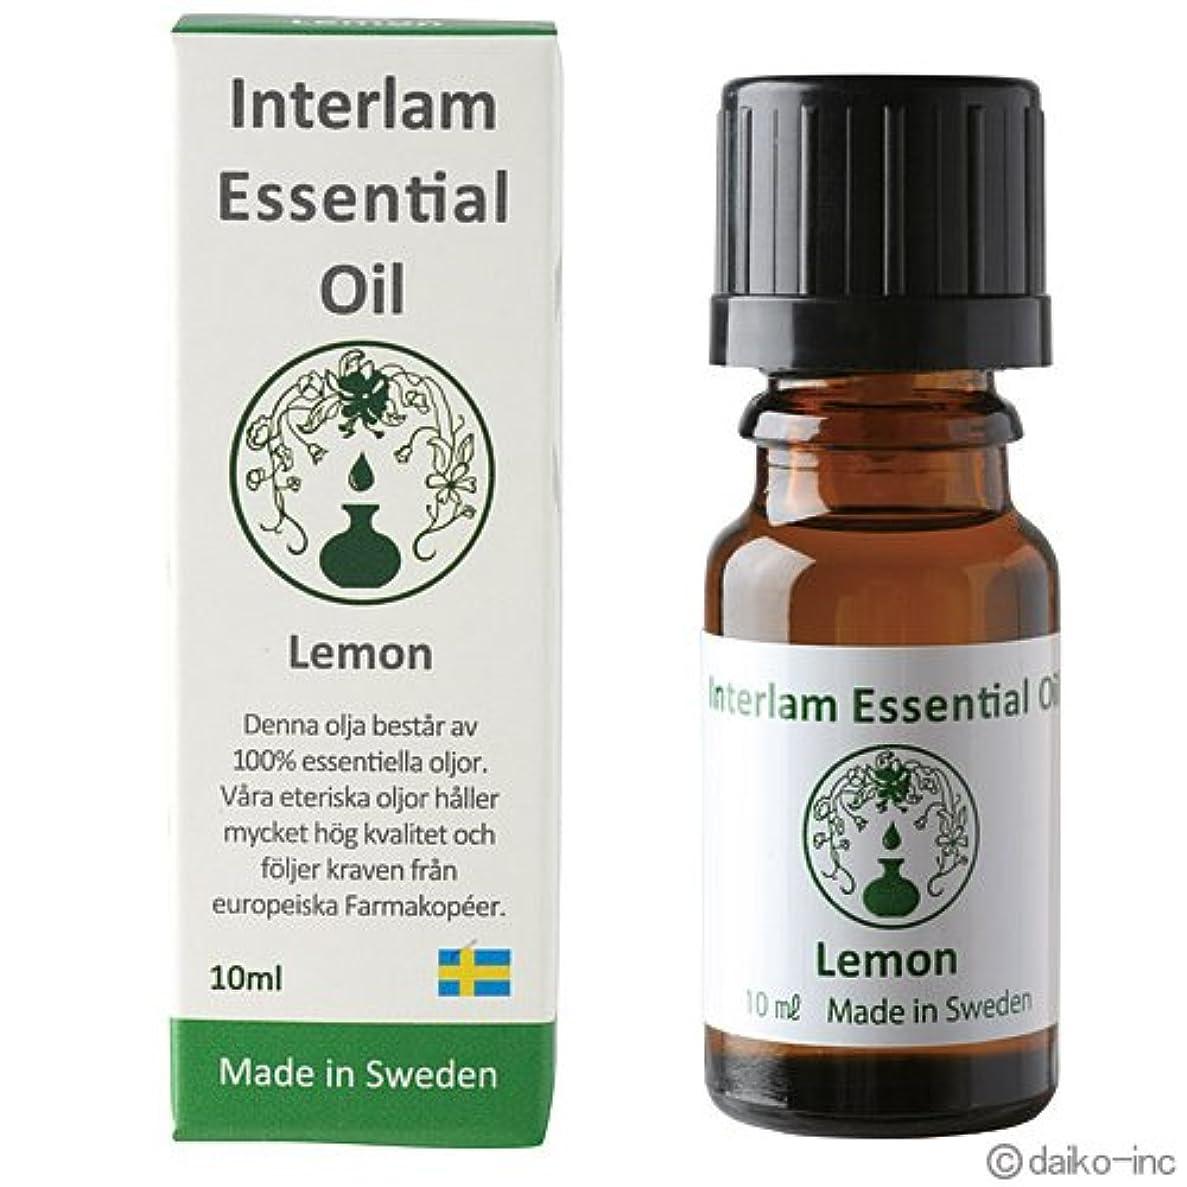 Interlam Essential Oil レモン 10ml